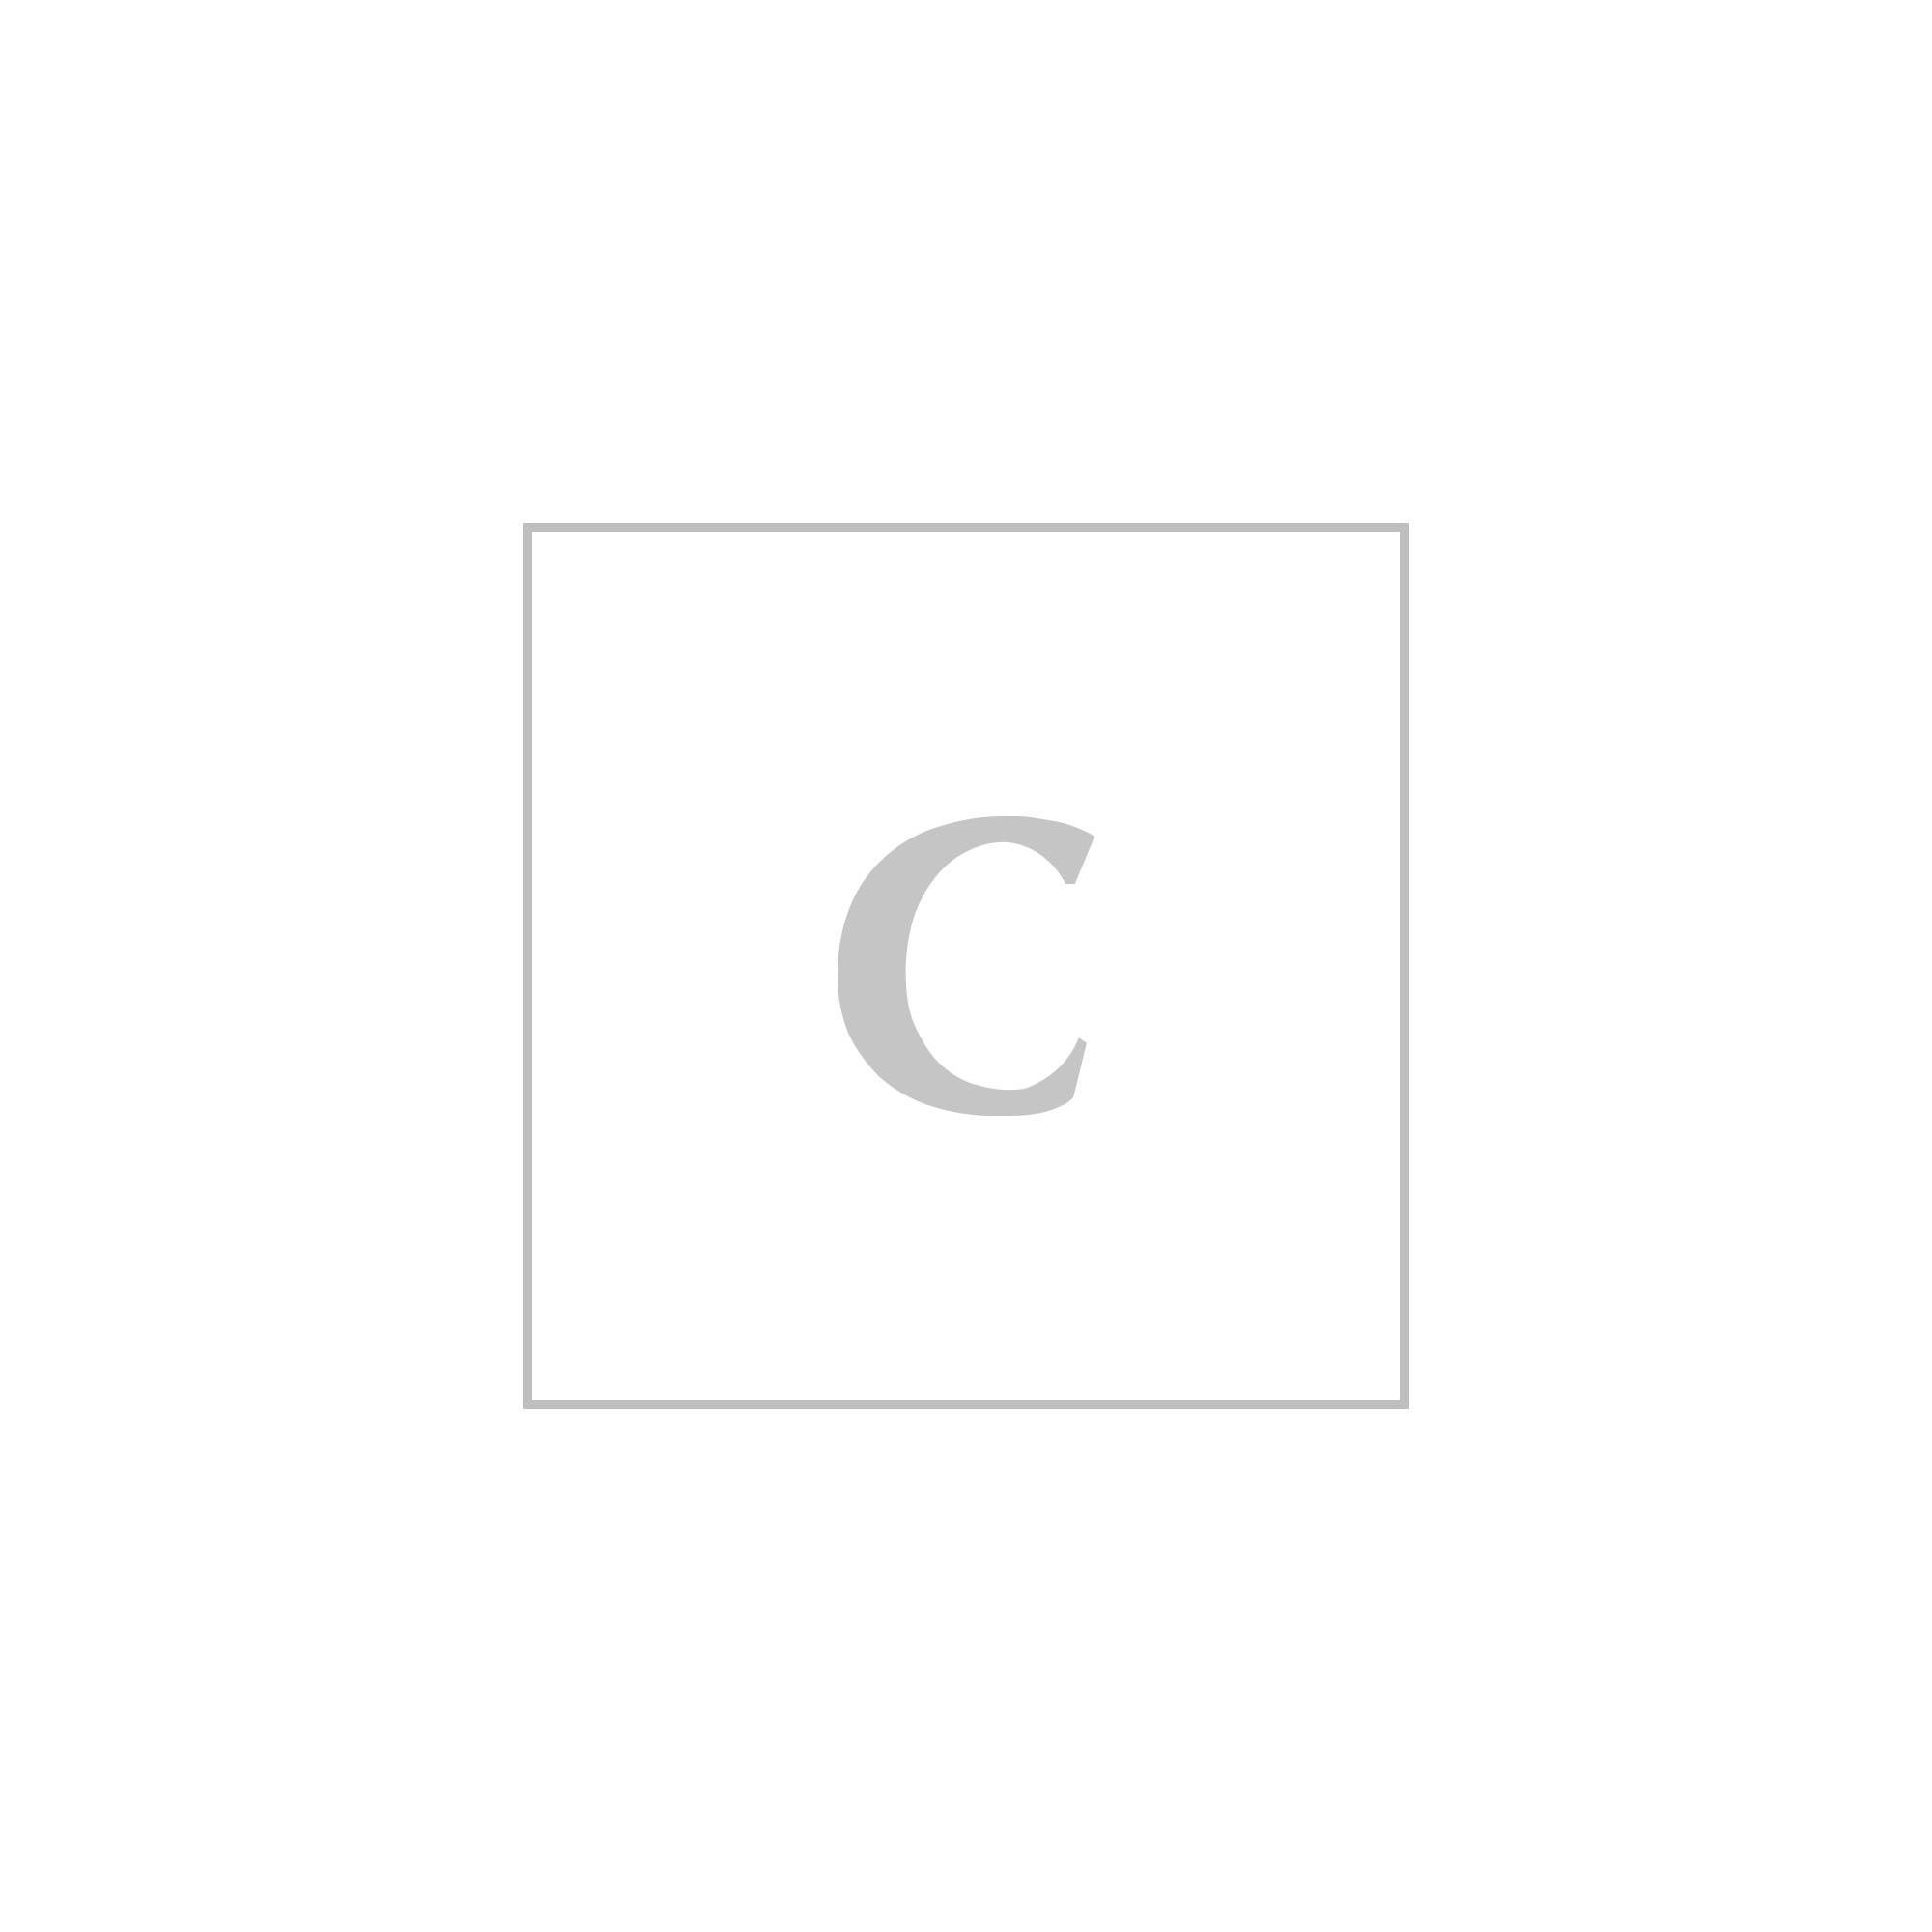 Saint laurent ysl classic continental grain de poudre wallet